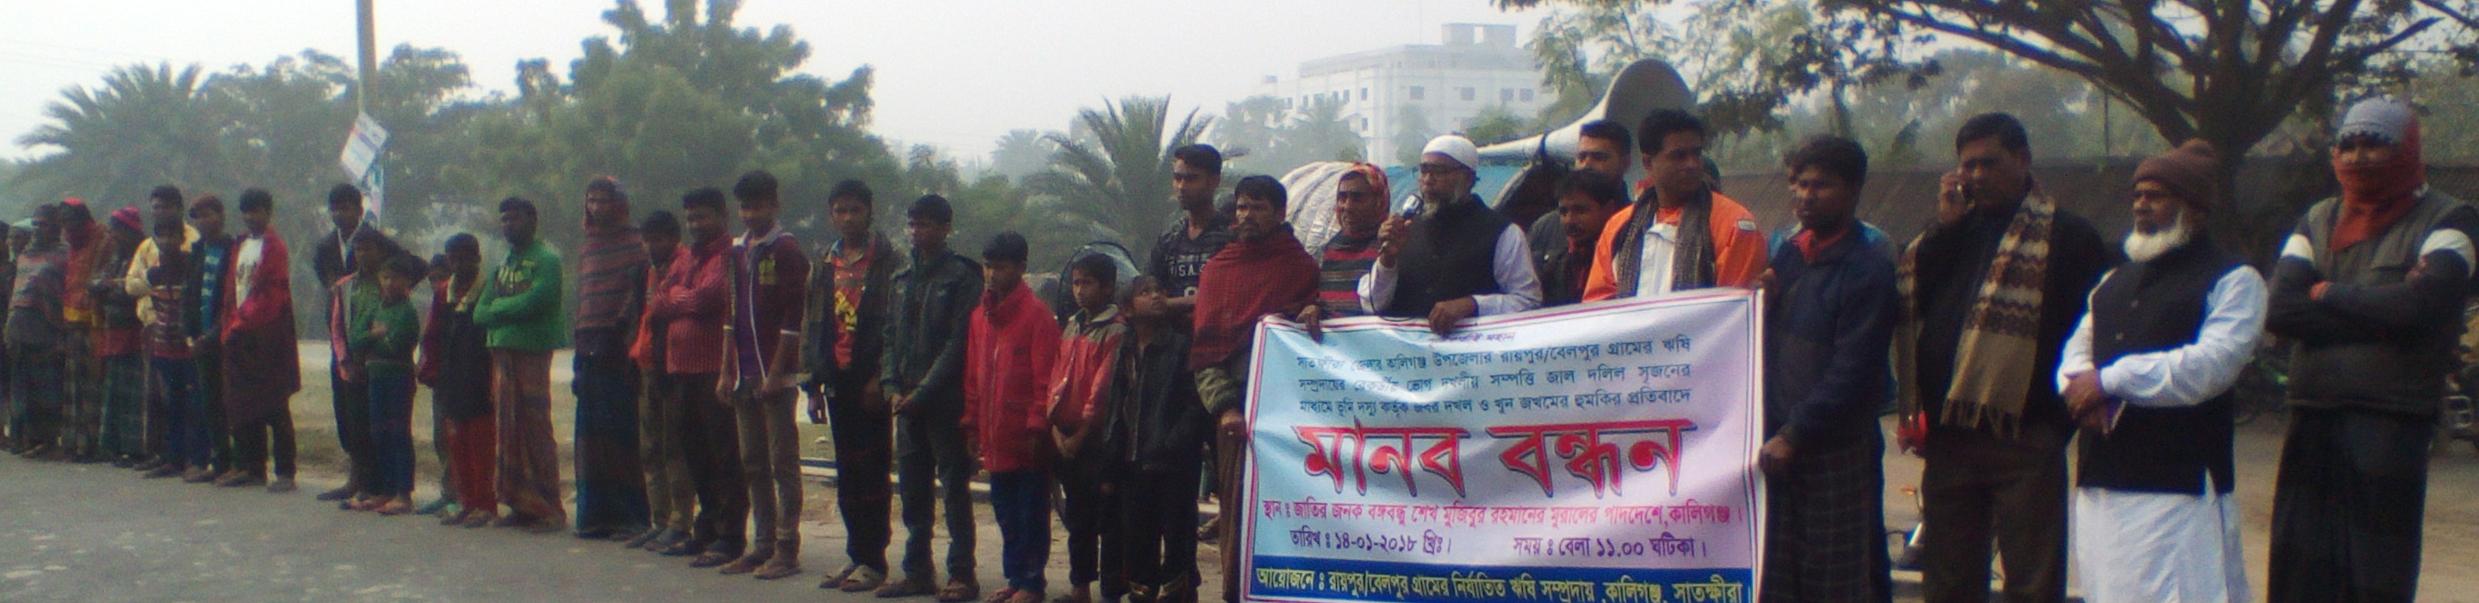 কালিগঞ্জে সংখ্যালঘু সম্প্রদায়ের জমি দখলের প্রতিবাদে মানববন্ধন